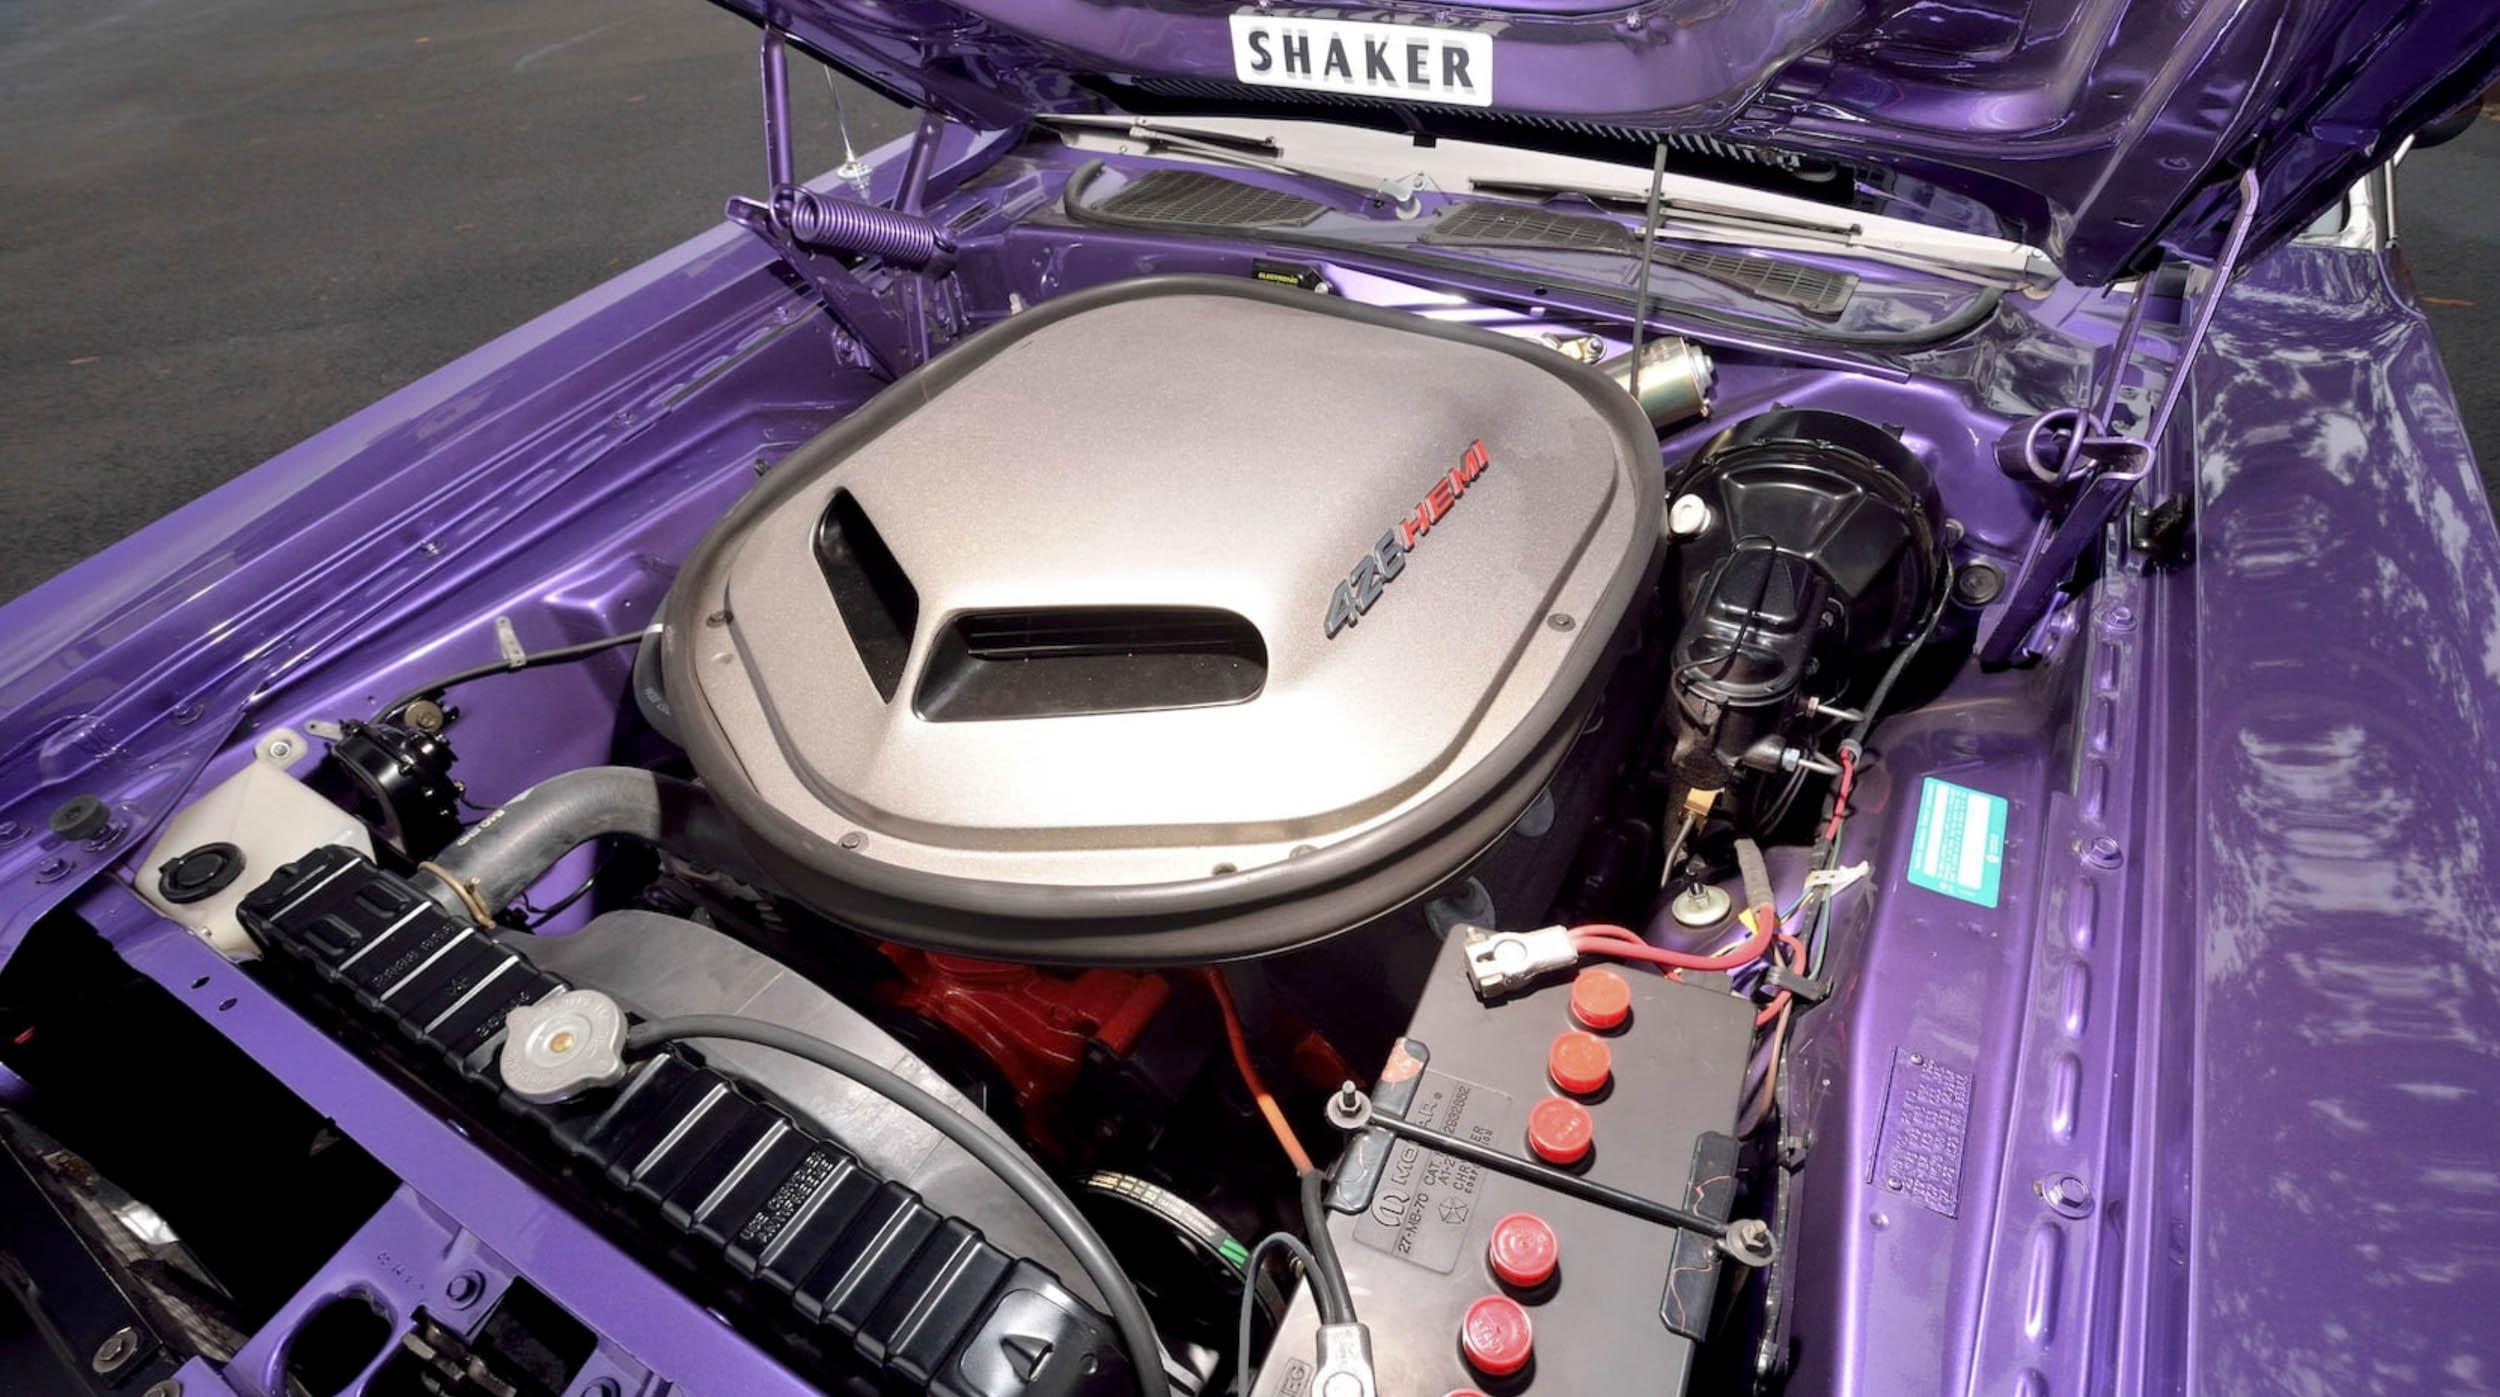 1970 Dodge Challenger plum crazy 426 Hemi